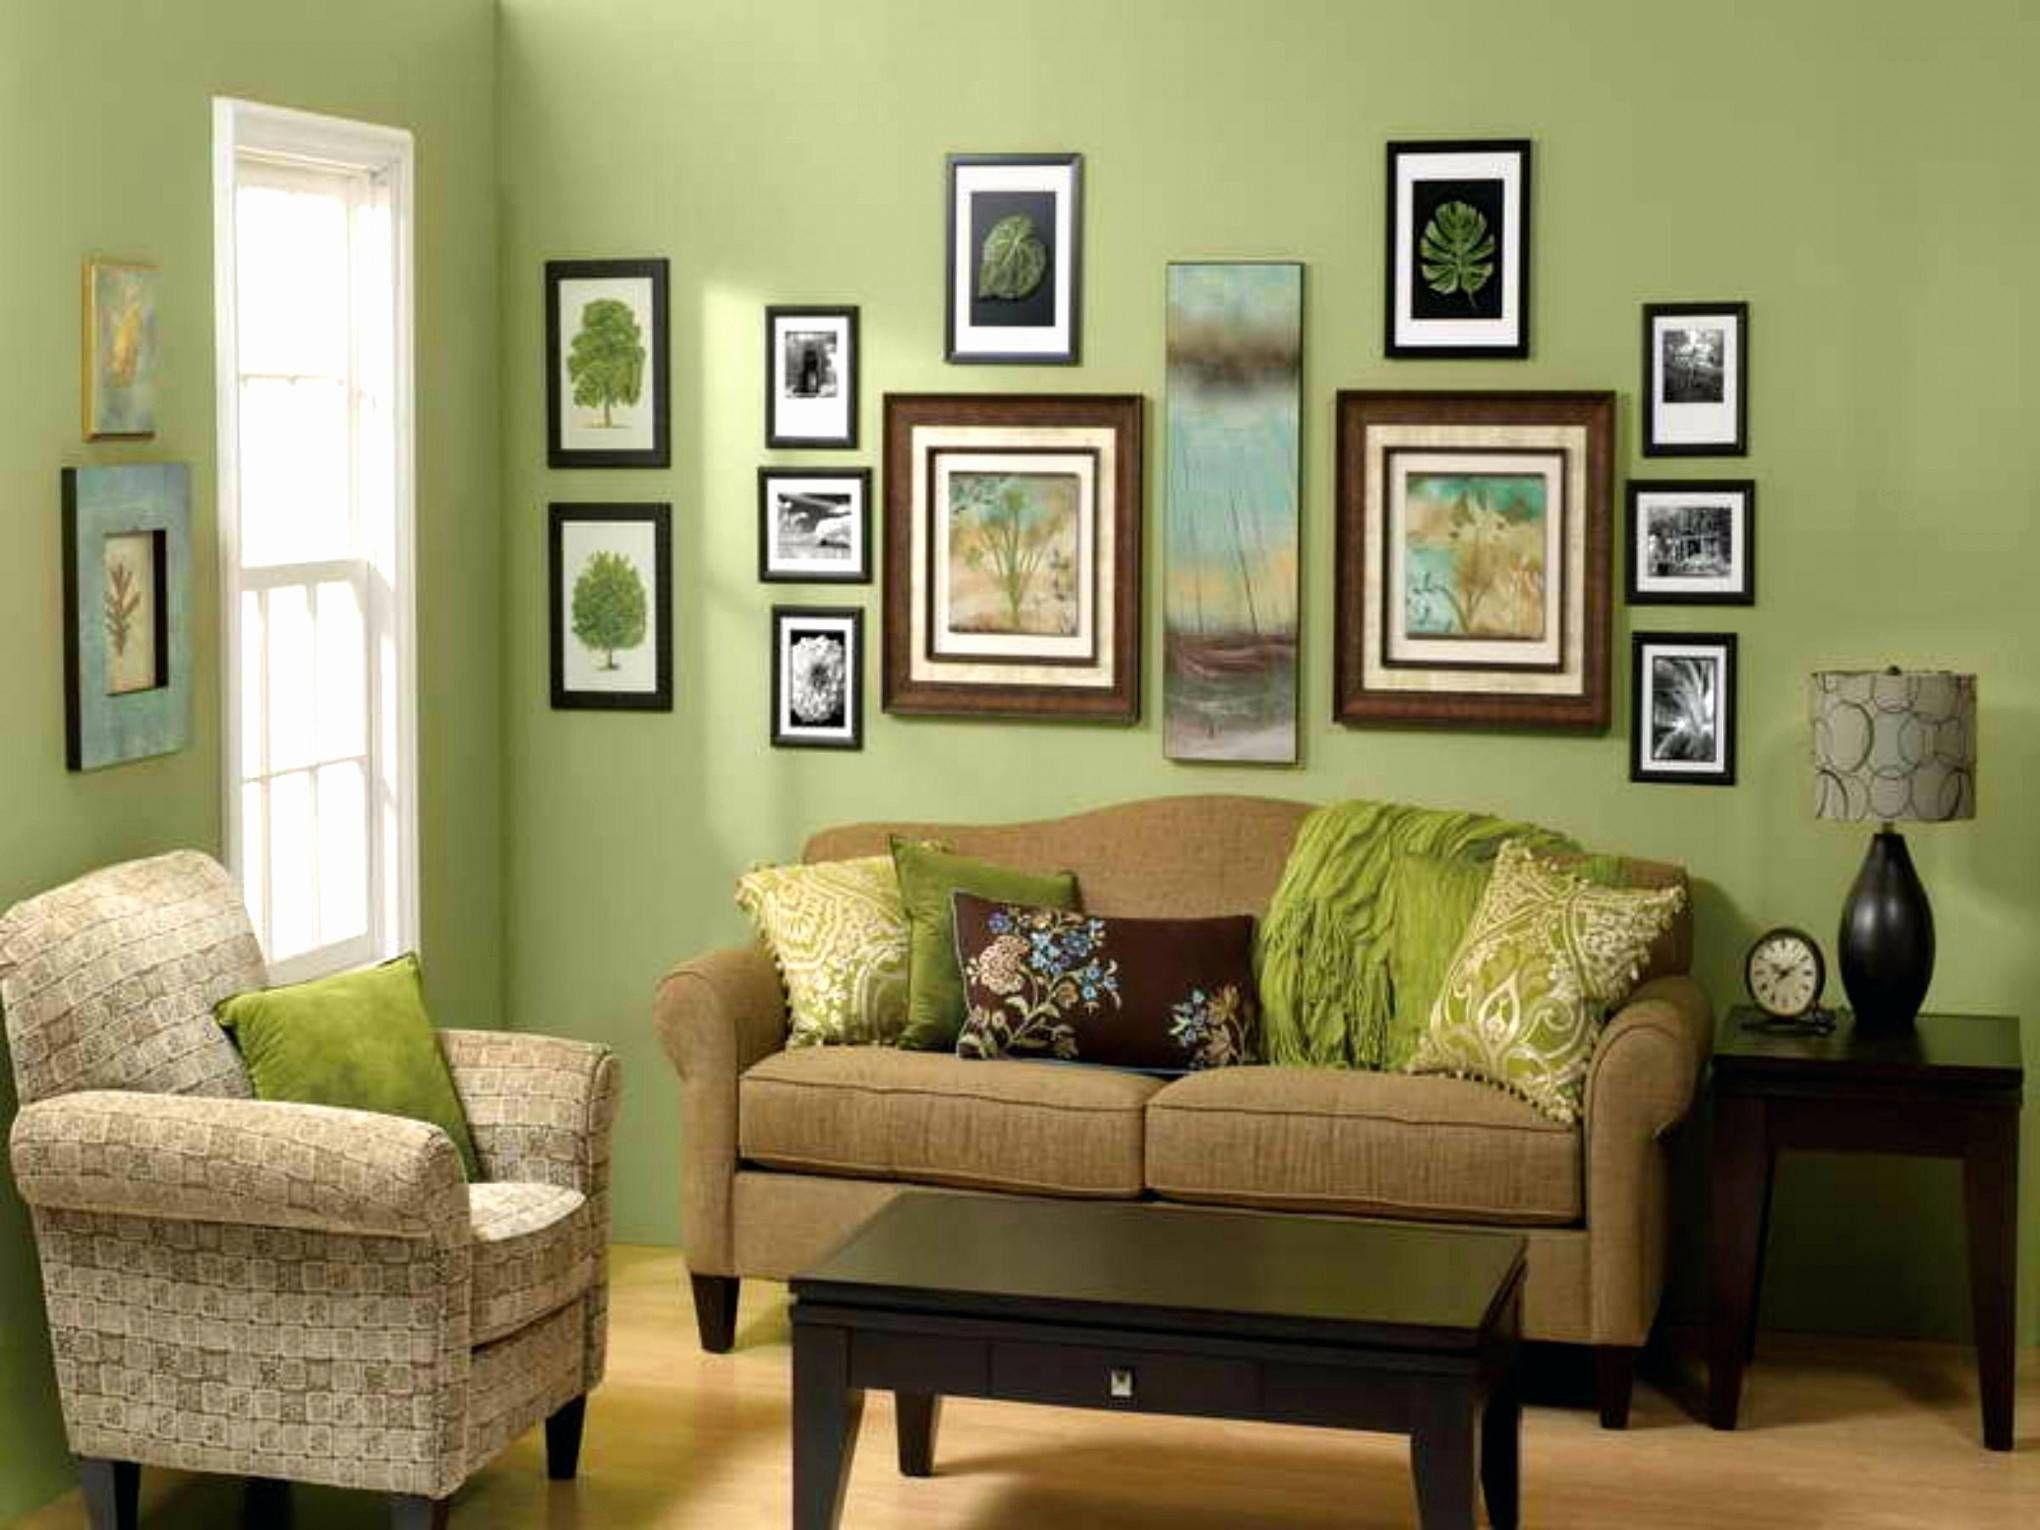 Living Room Decor Frames More Image Visit Https Homecreativa Com Living Room Decor Fram Green Walls Living Room Living Room Colors Living Room Pictures